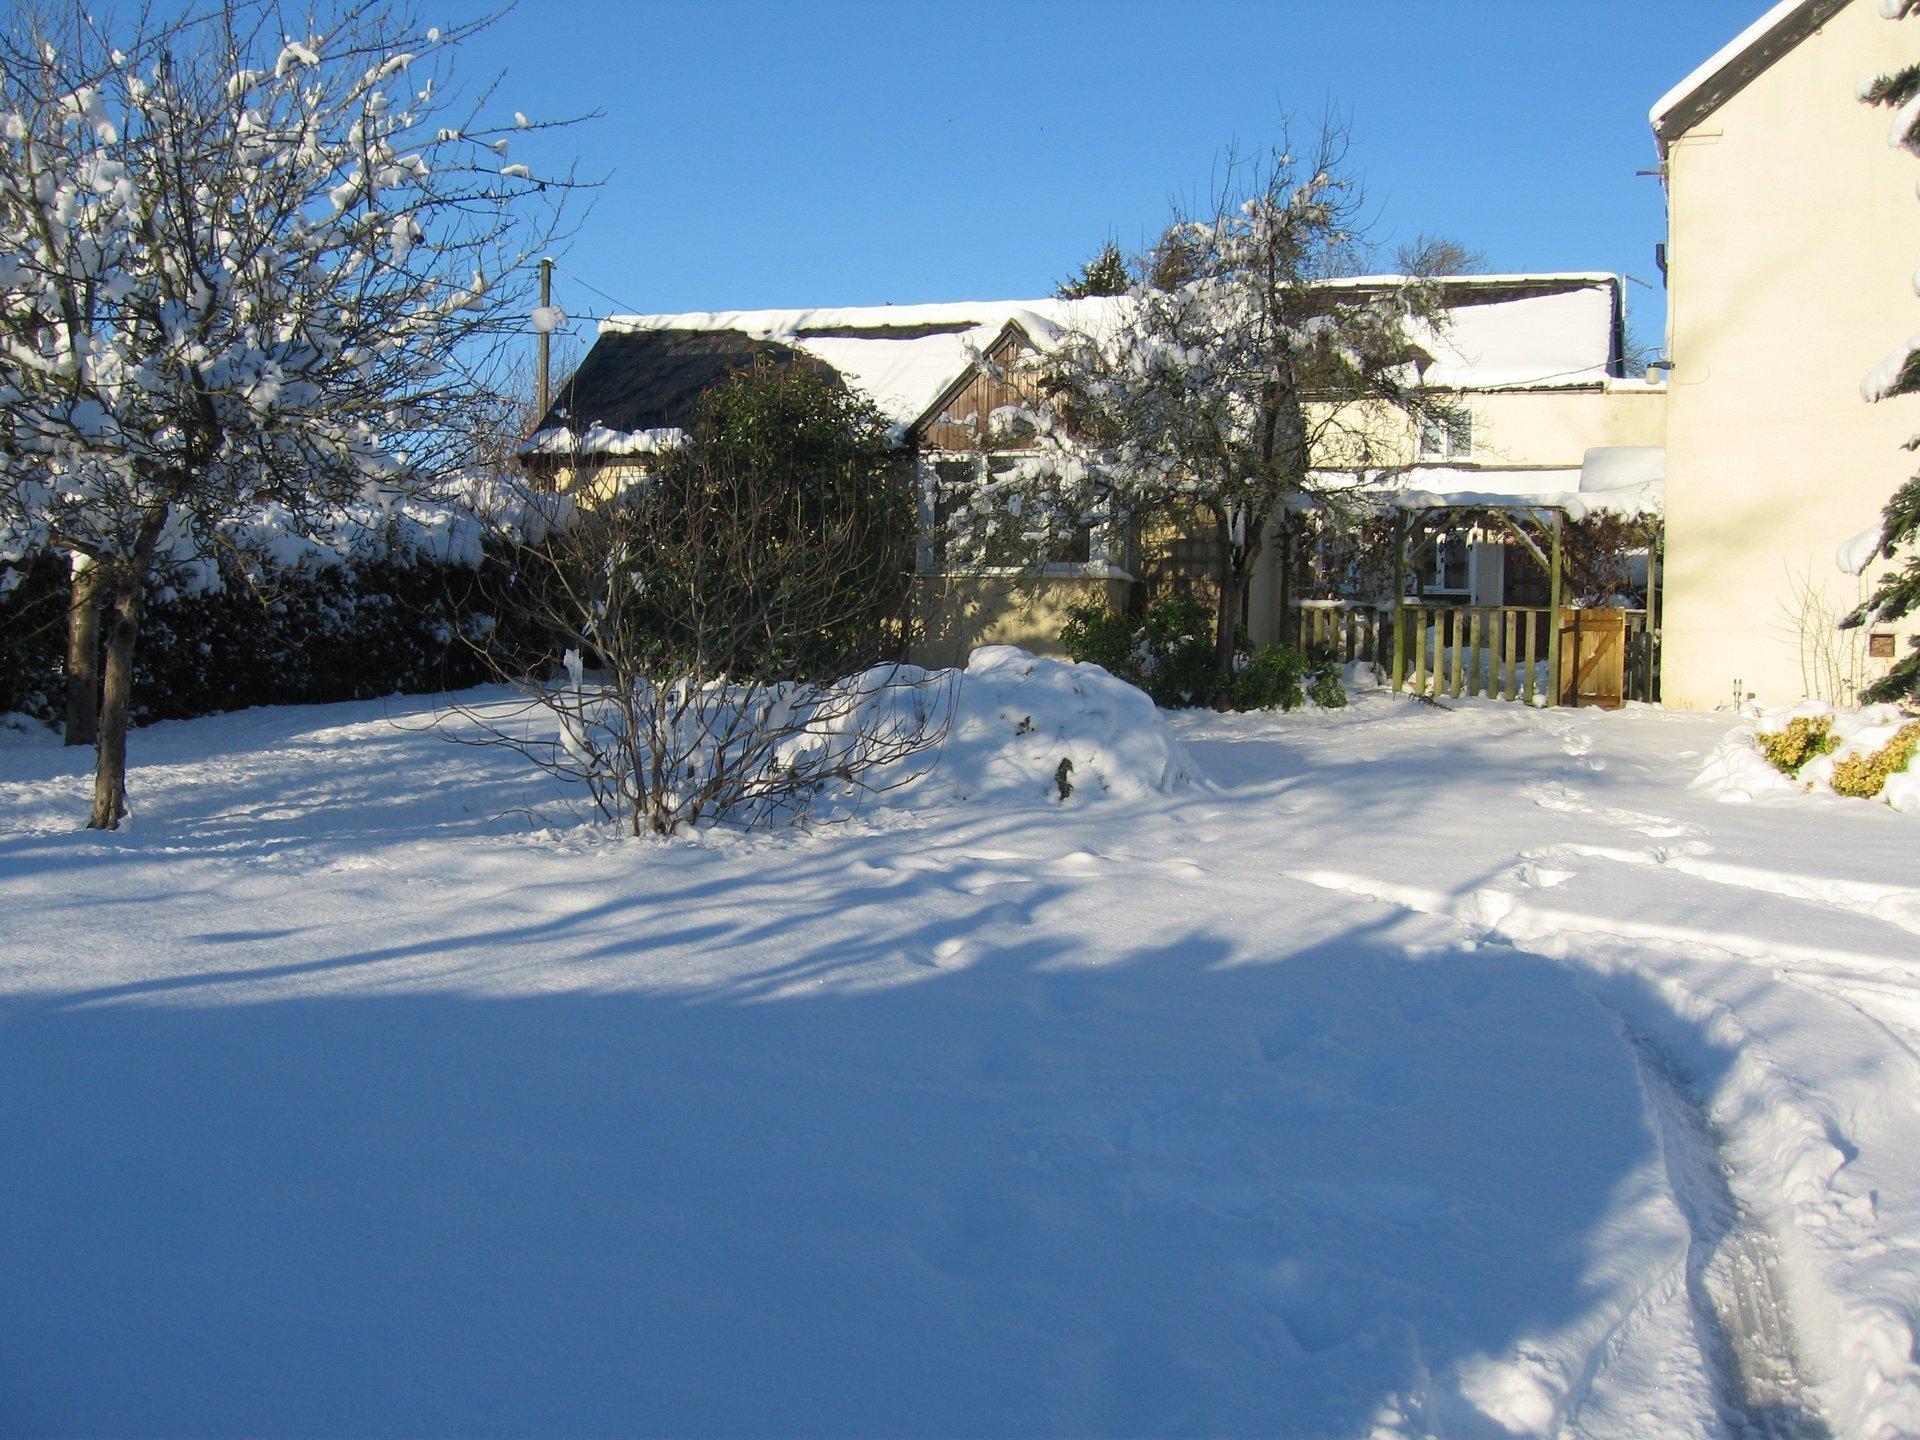 Woodville++in+Snow+11122017